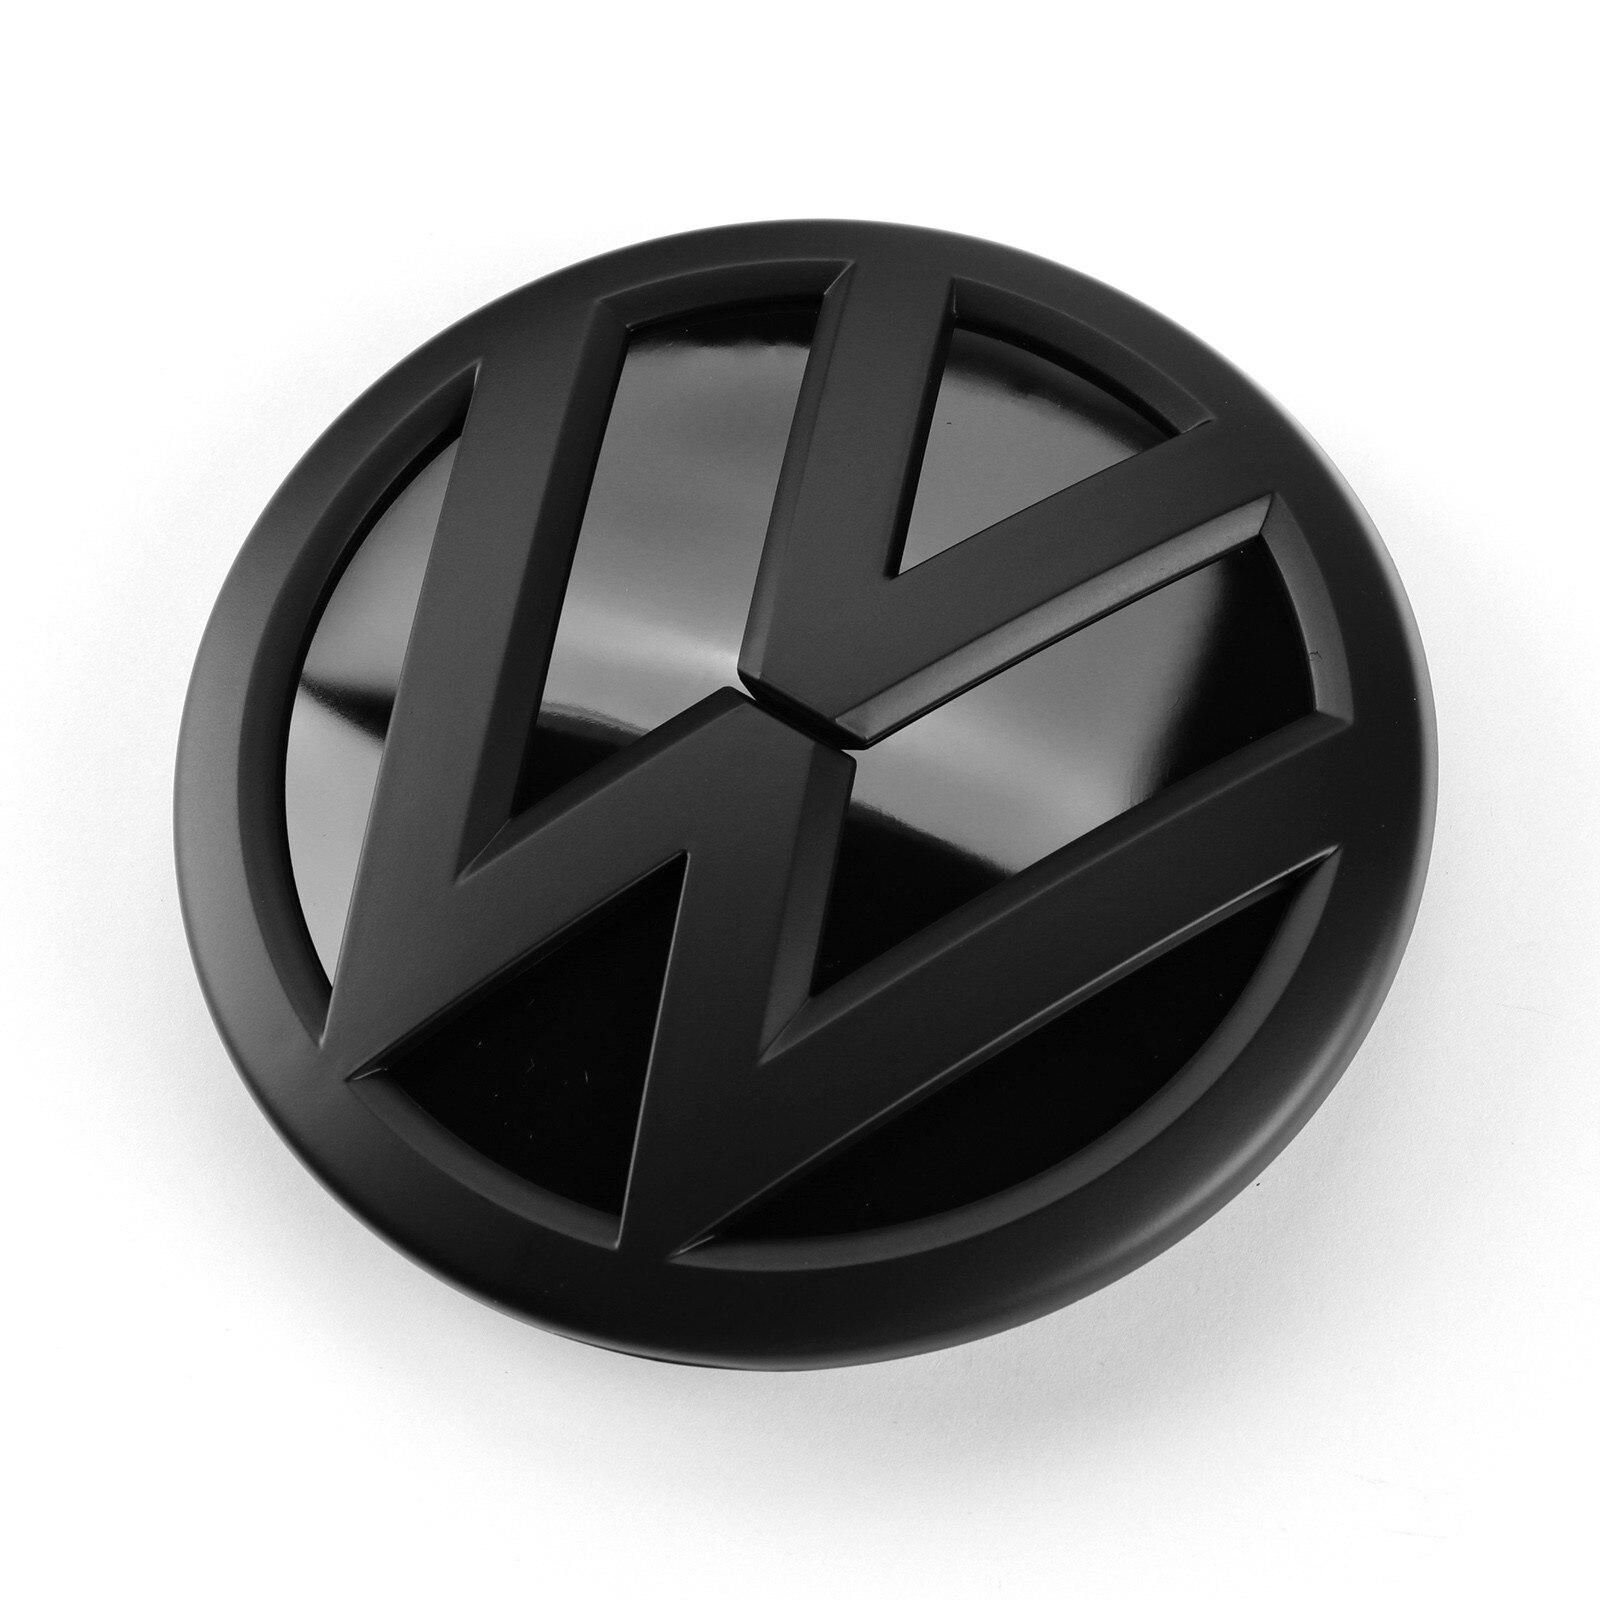 117 мм глянцевый черный Передний гриль, бейж логотип эмблема, замена для VW Volkswagen Polo 2009 2010 2011 2012 2013